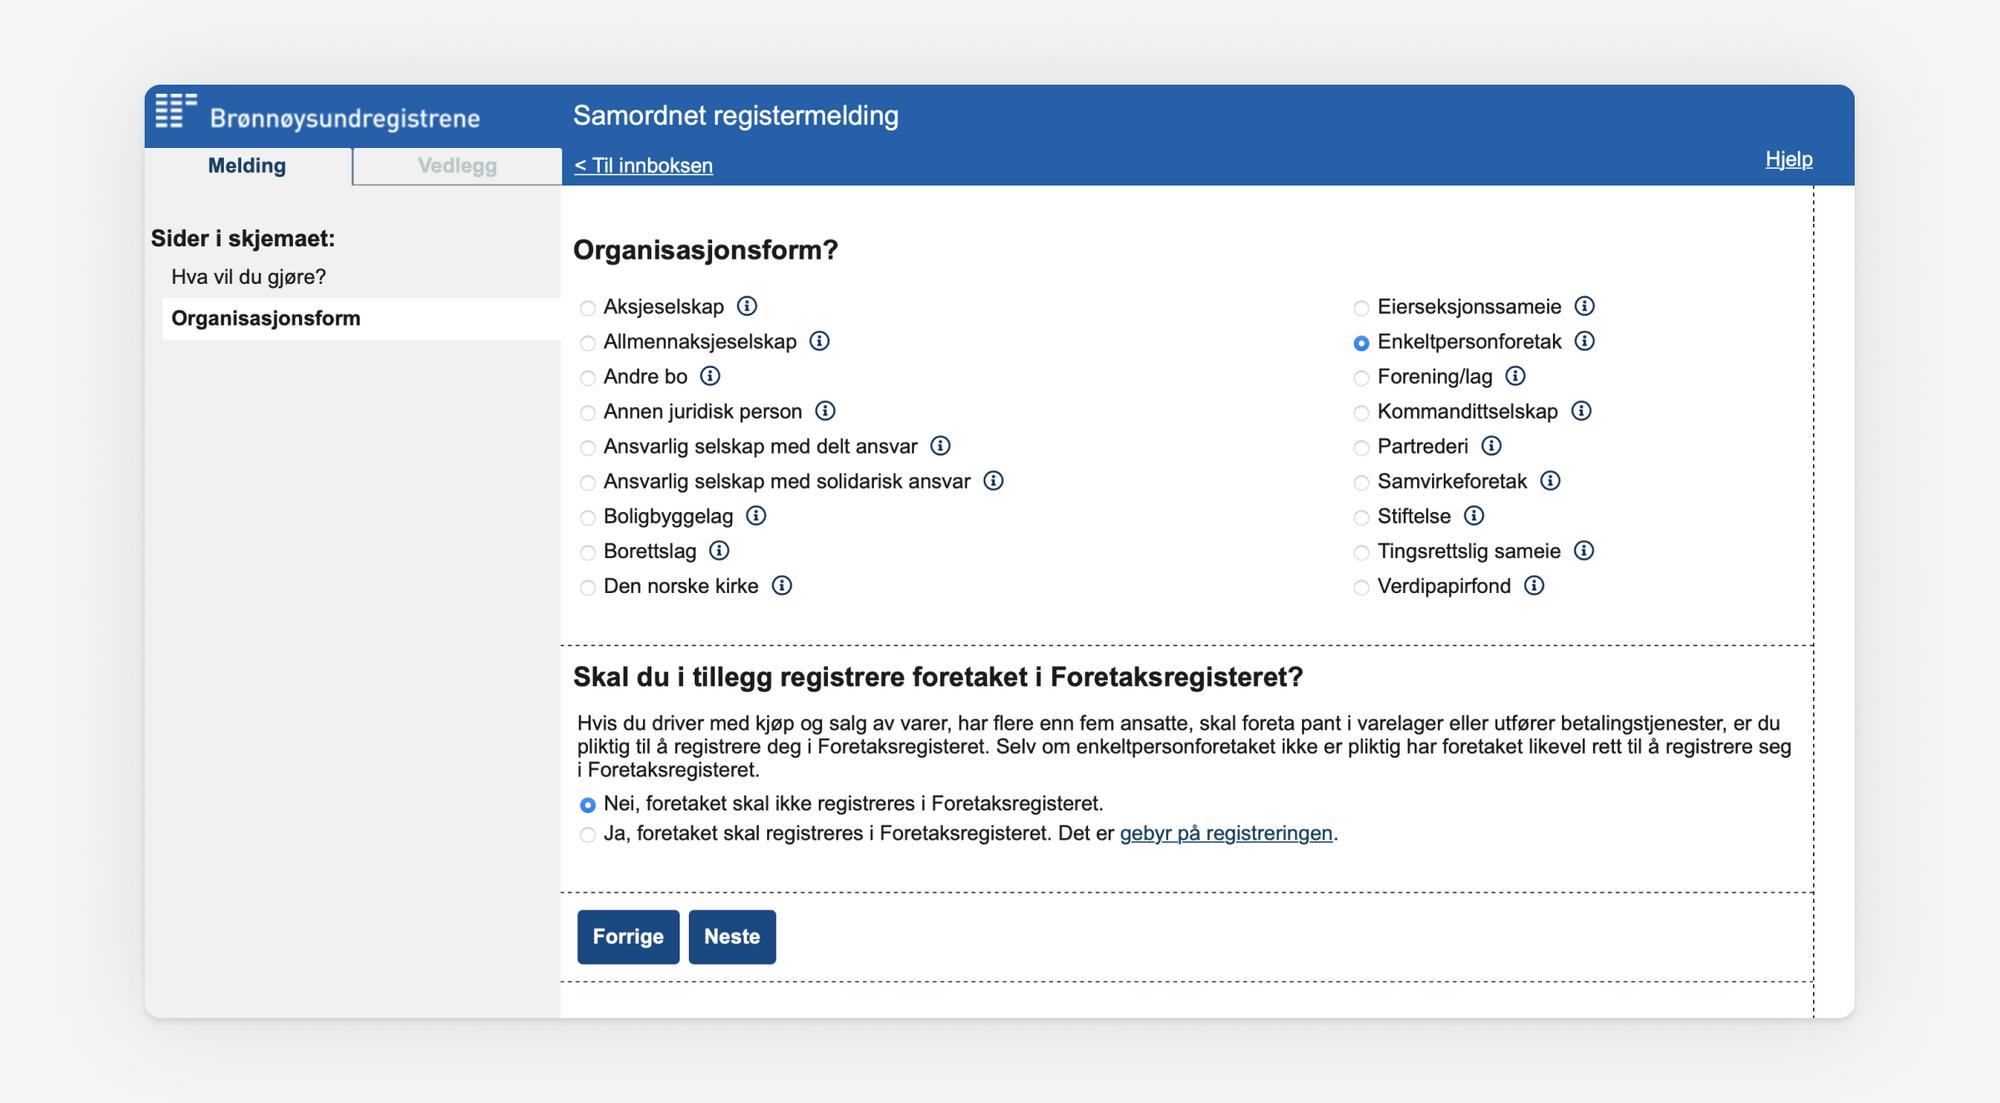 Skjermbilde som viser valg av organisasjonsform i Samordnet registermelding.